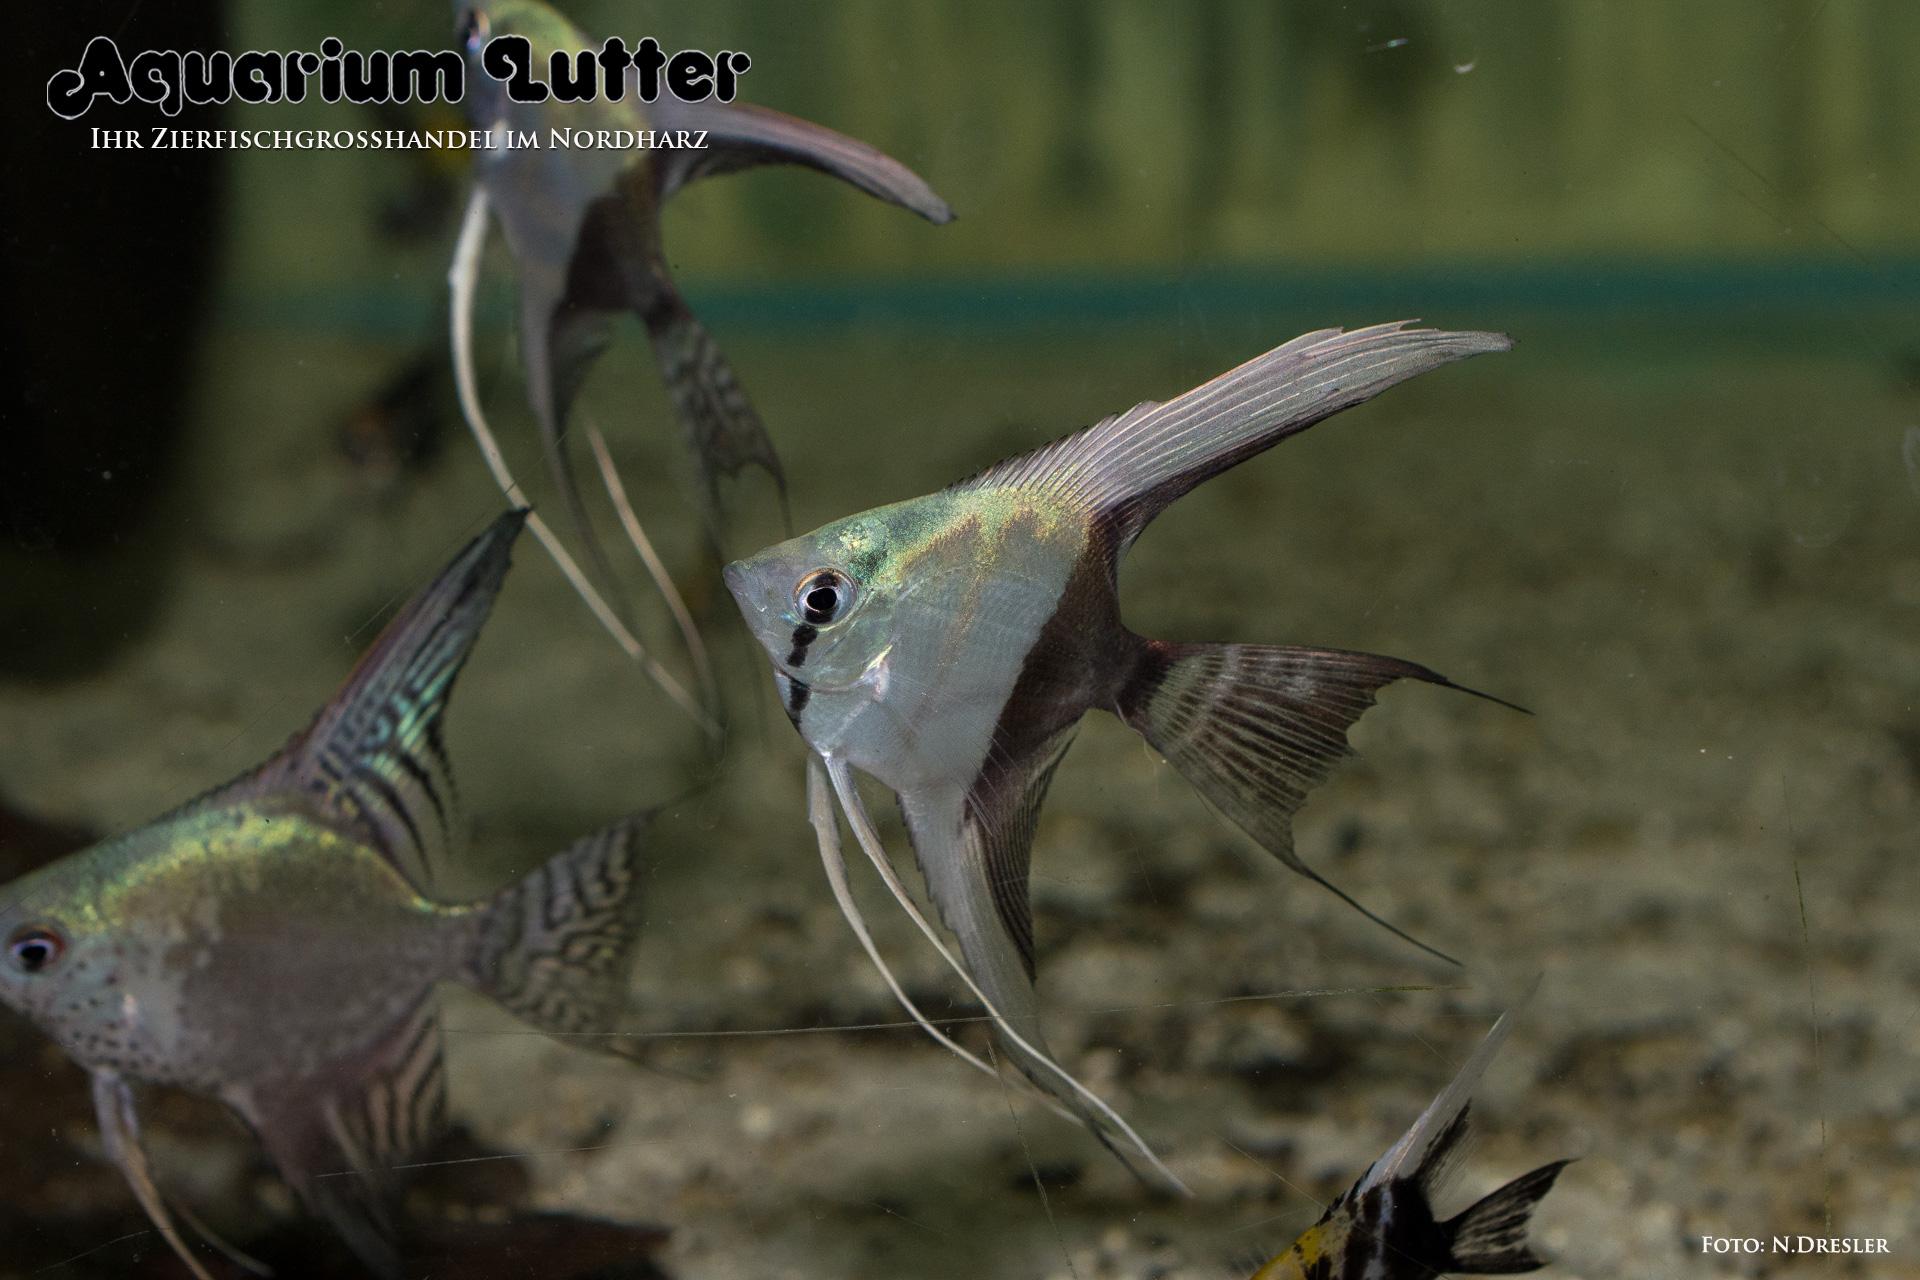 Skalar bicolor pterophyllum scalare aquarium lutter for Skalar aquarium